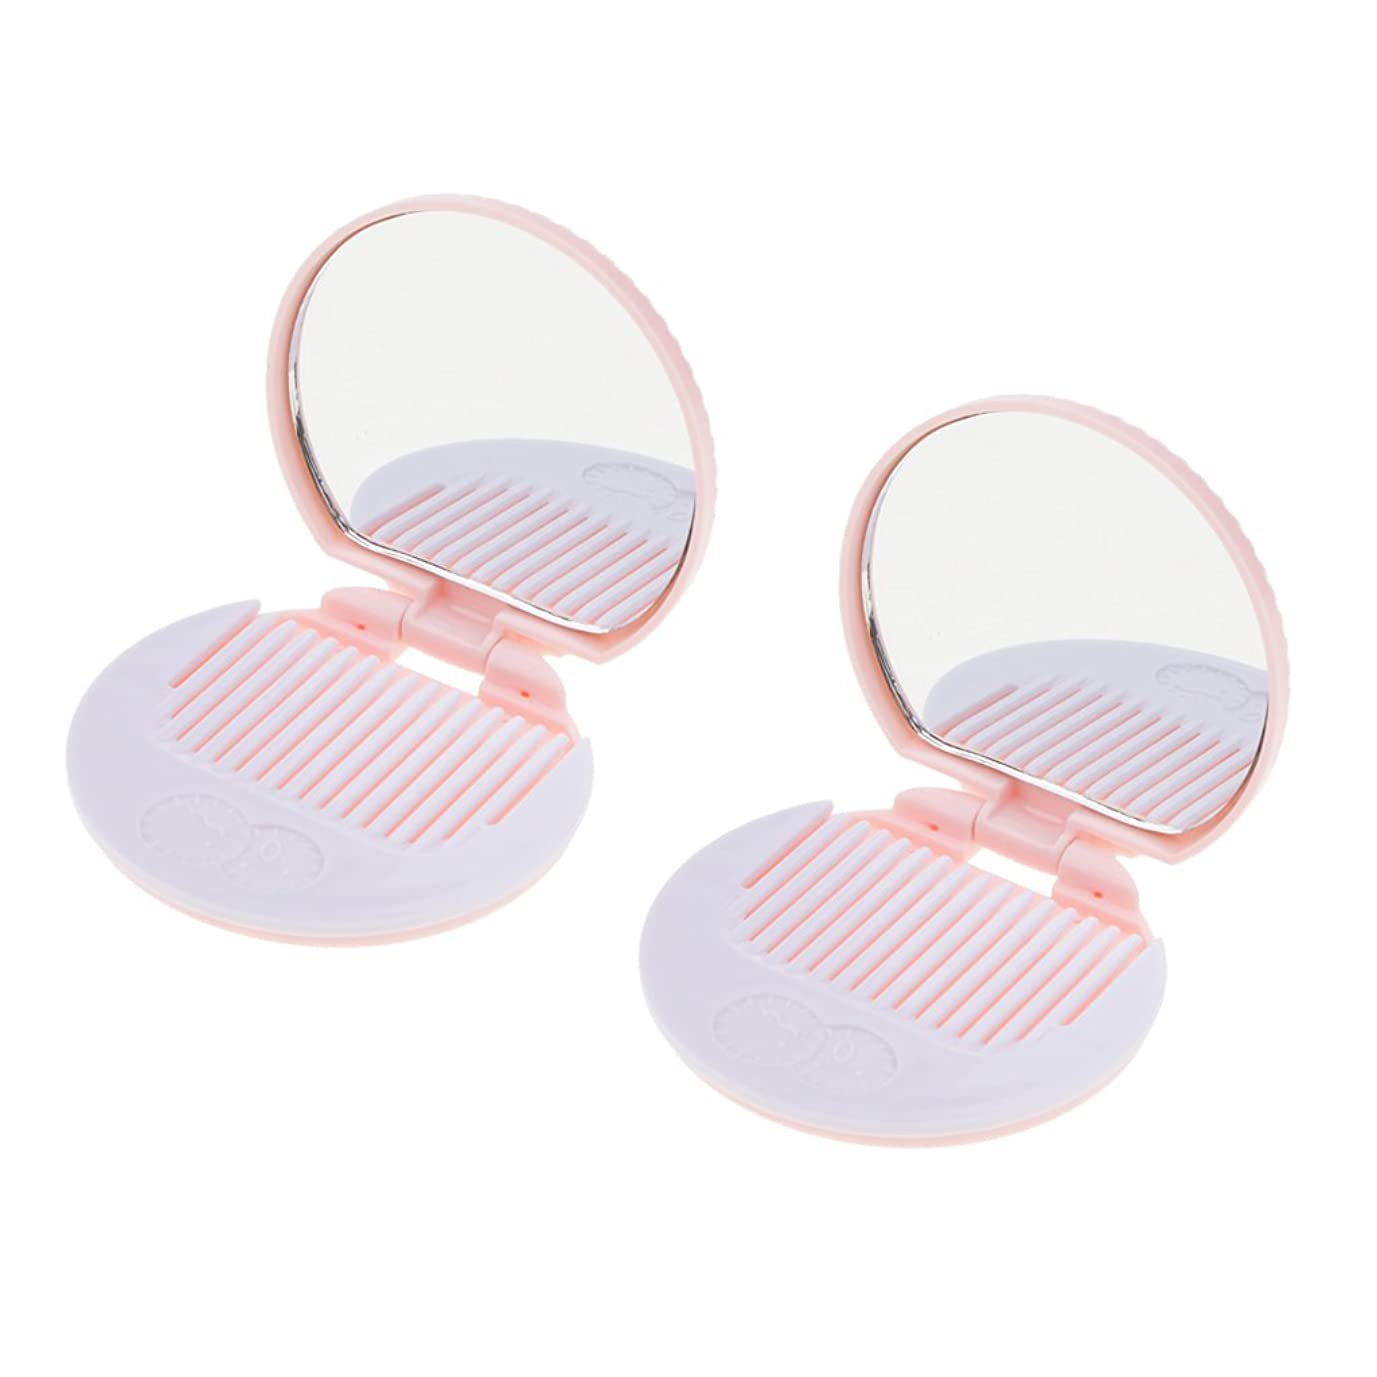 マイルストーン状態気がついてPerfk 2個入 メイクアップミラー ポケットサイズ 可愛い ミラー ラウンド 折りたたみ コーム 全4色   - ピンク